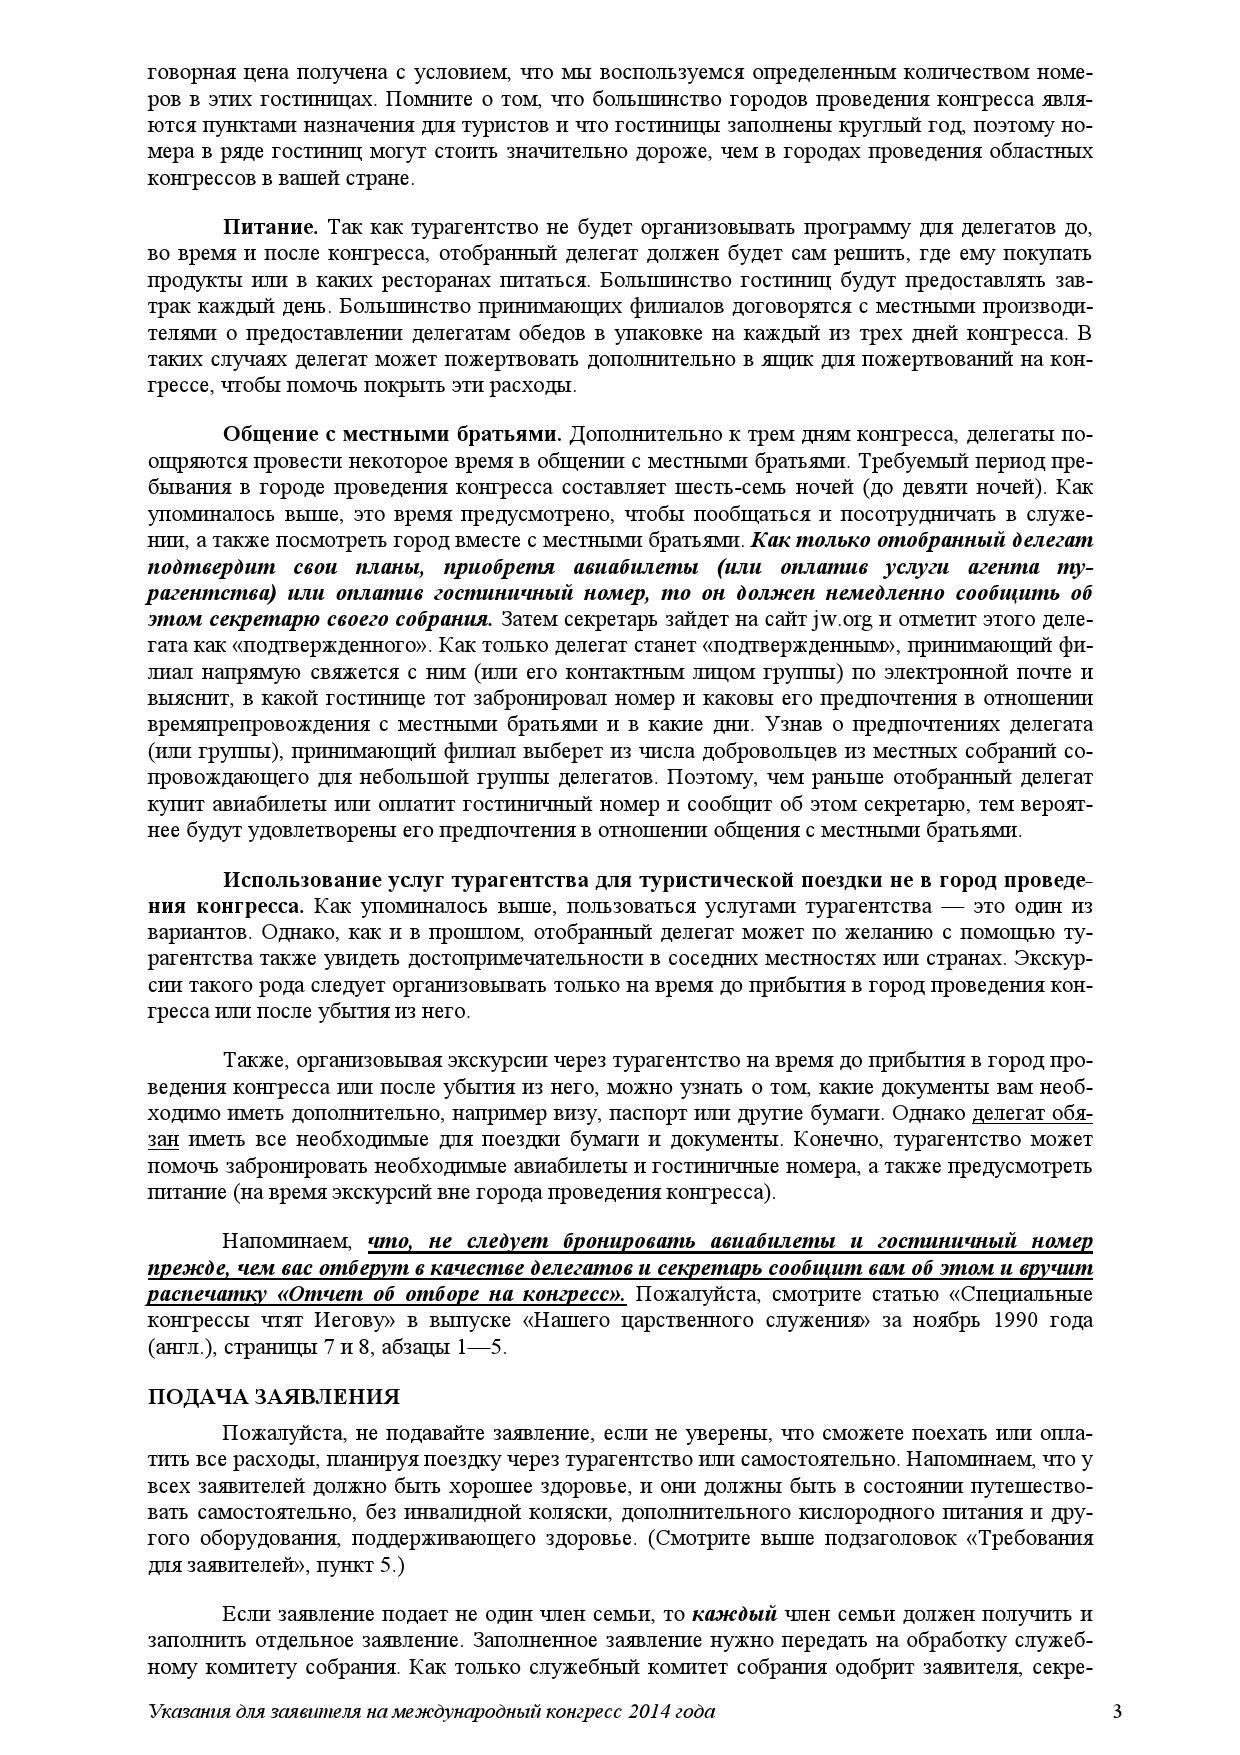 L-20130731b-U-Ru-CSC (отмена примерности, расходы, отказ от турагенств)___000003